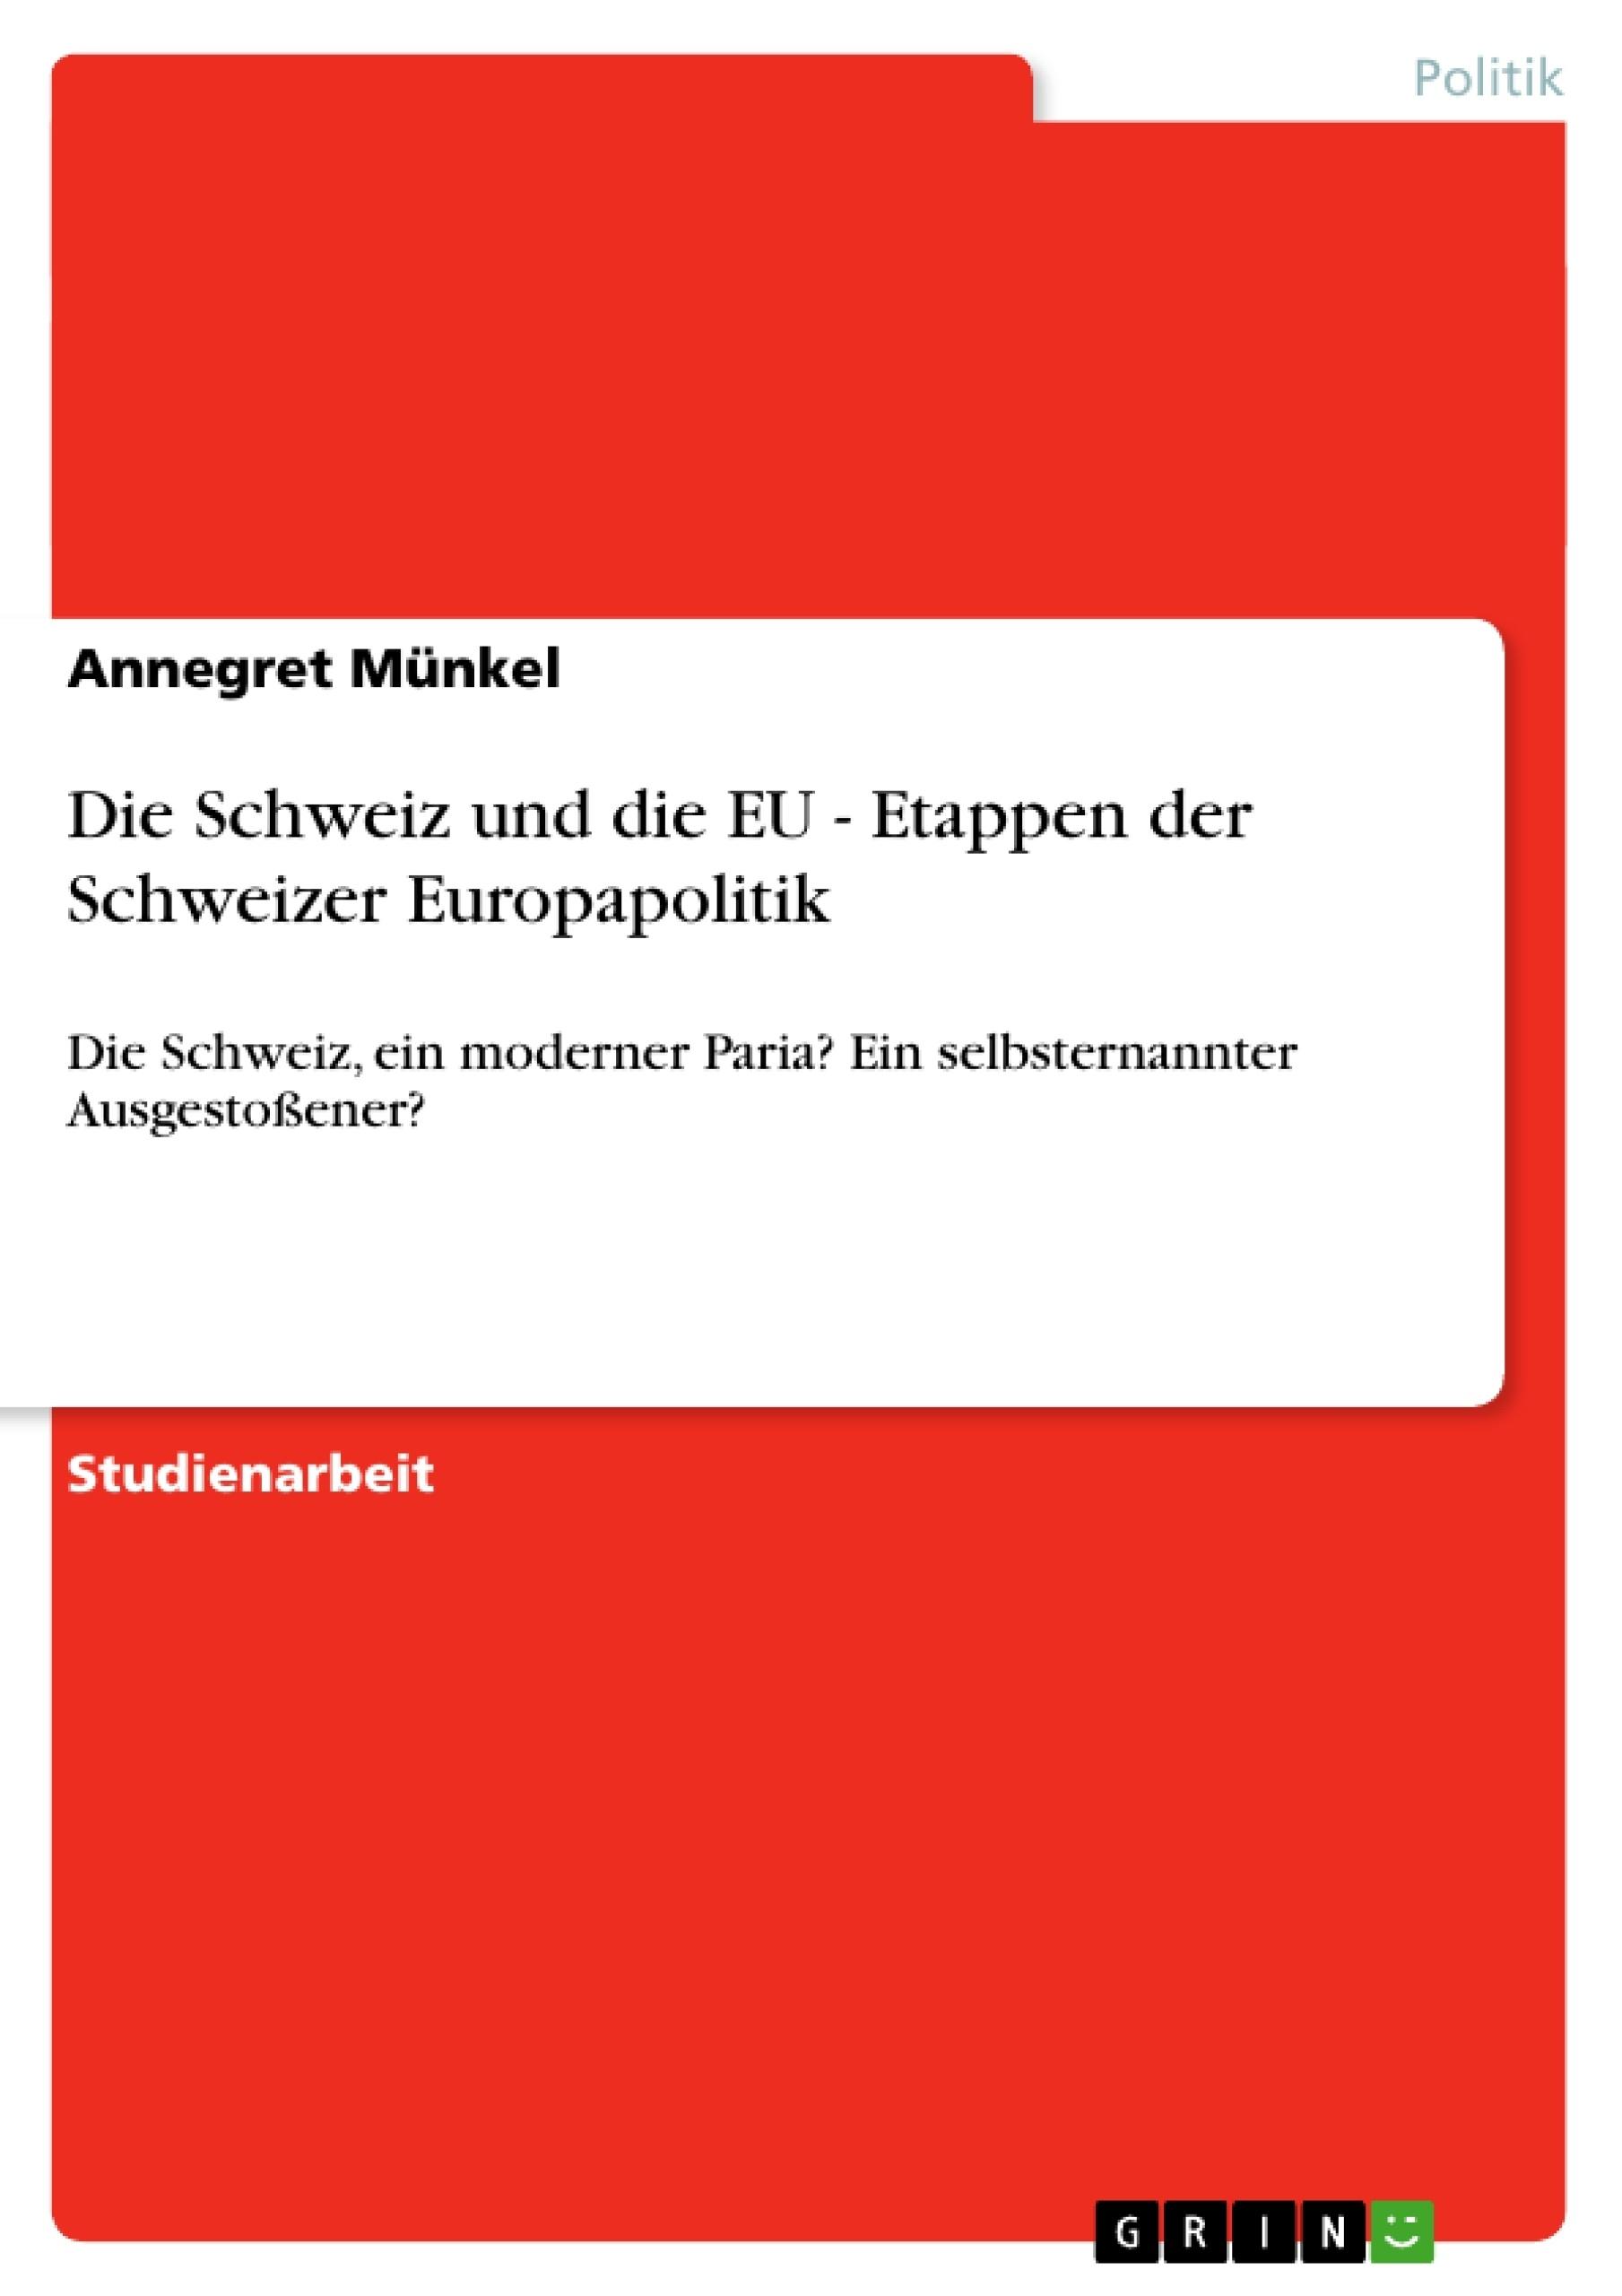 Titel: Die Schweiz und die EU - Etappen der Schweizer Europapolitik